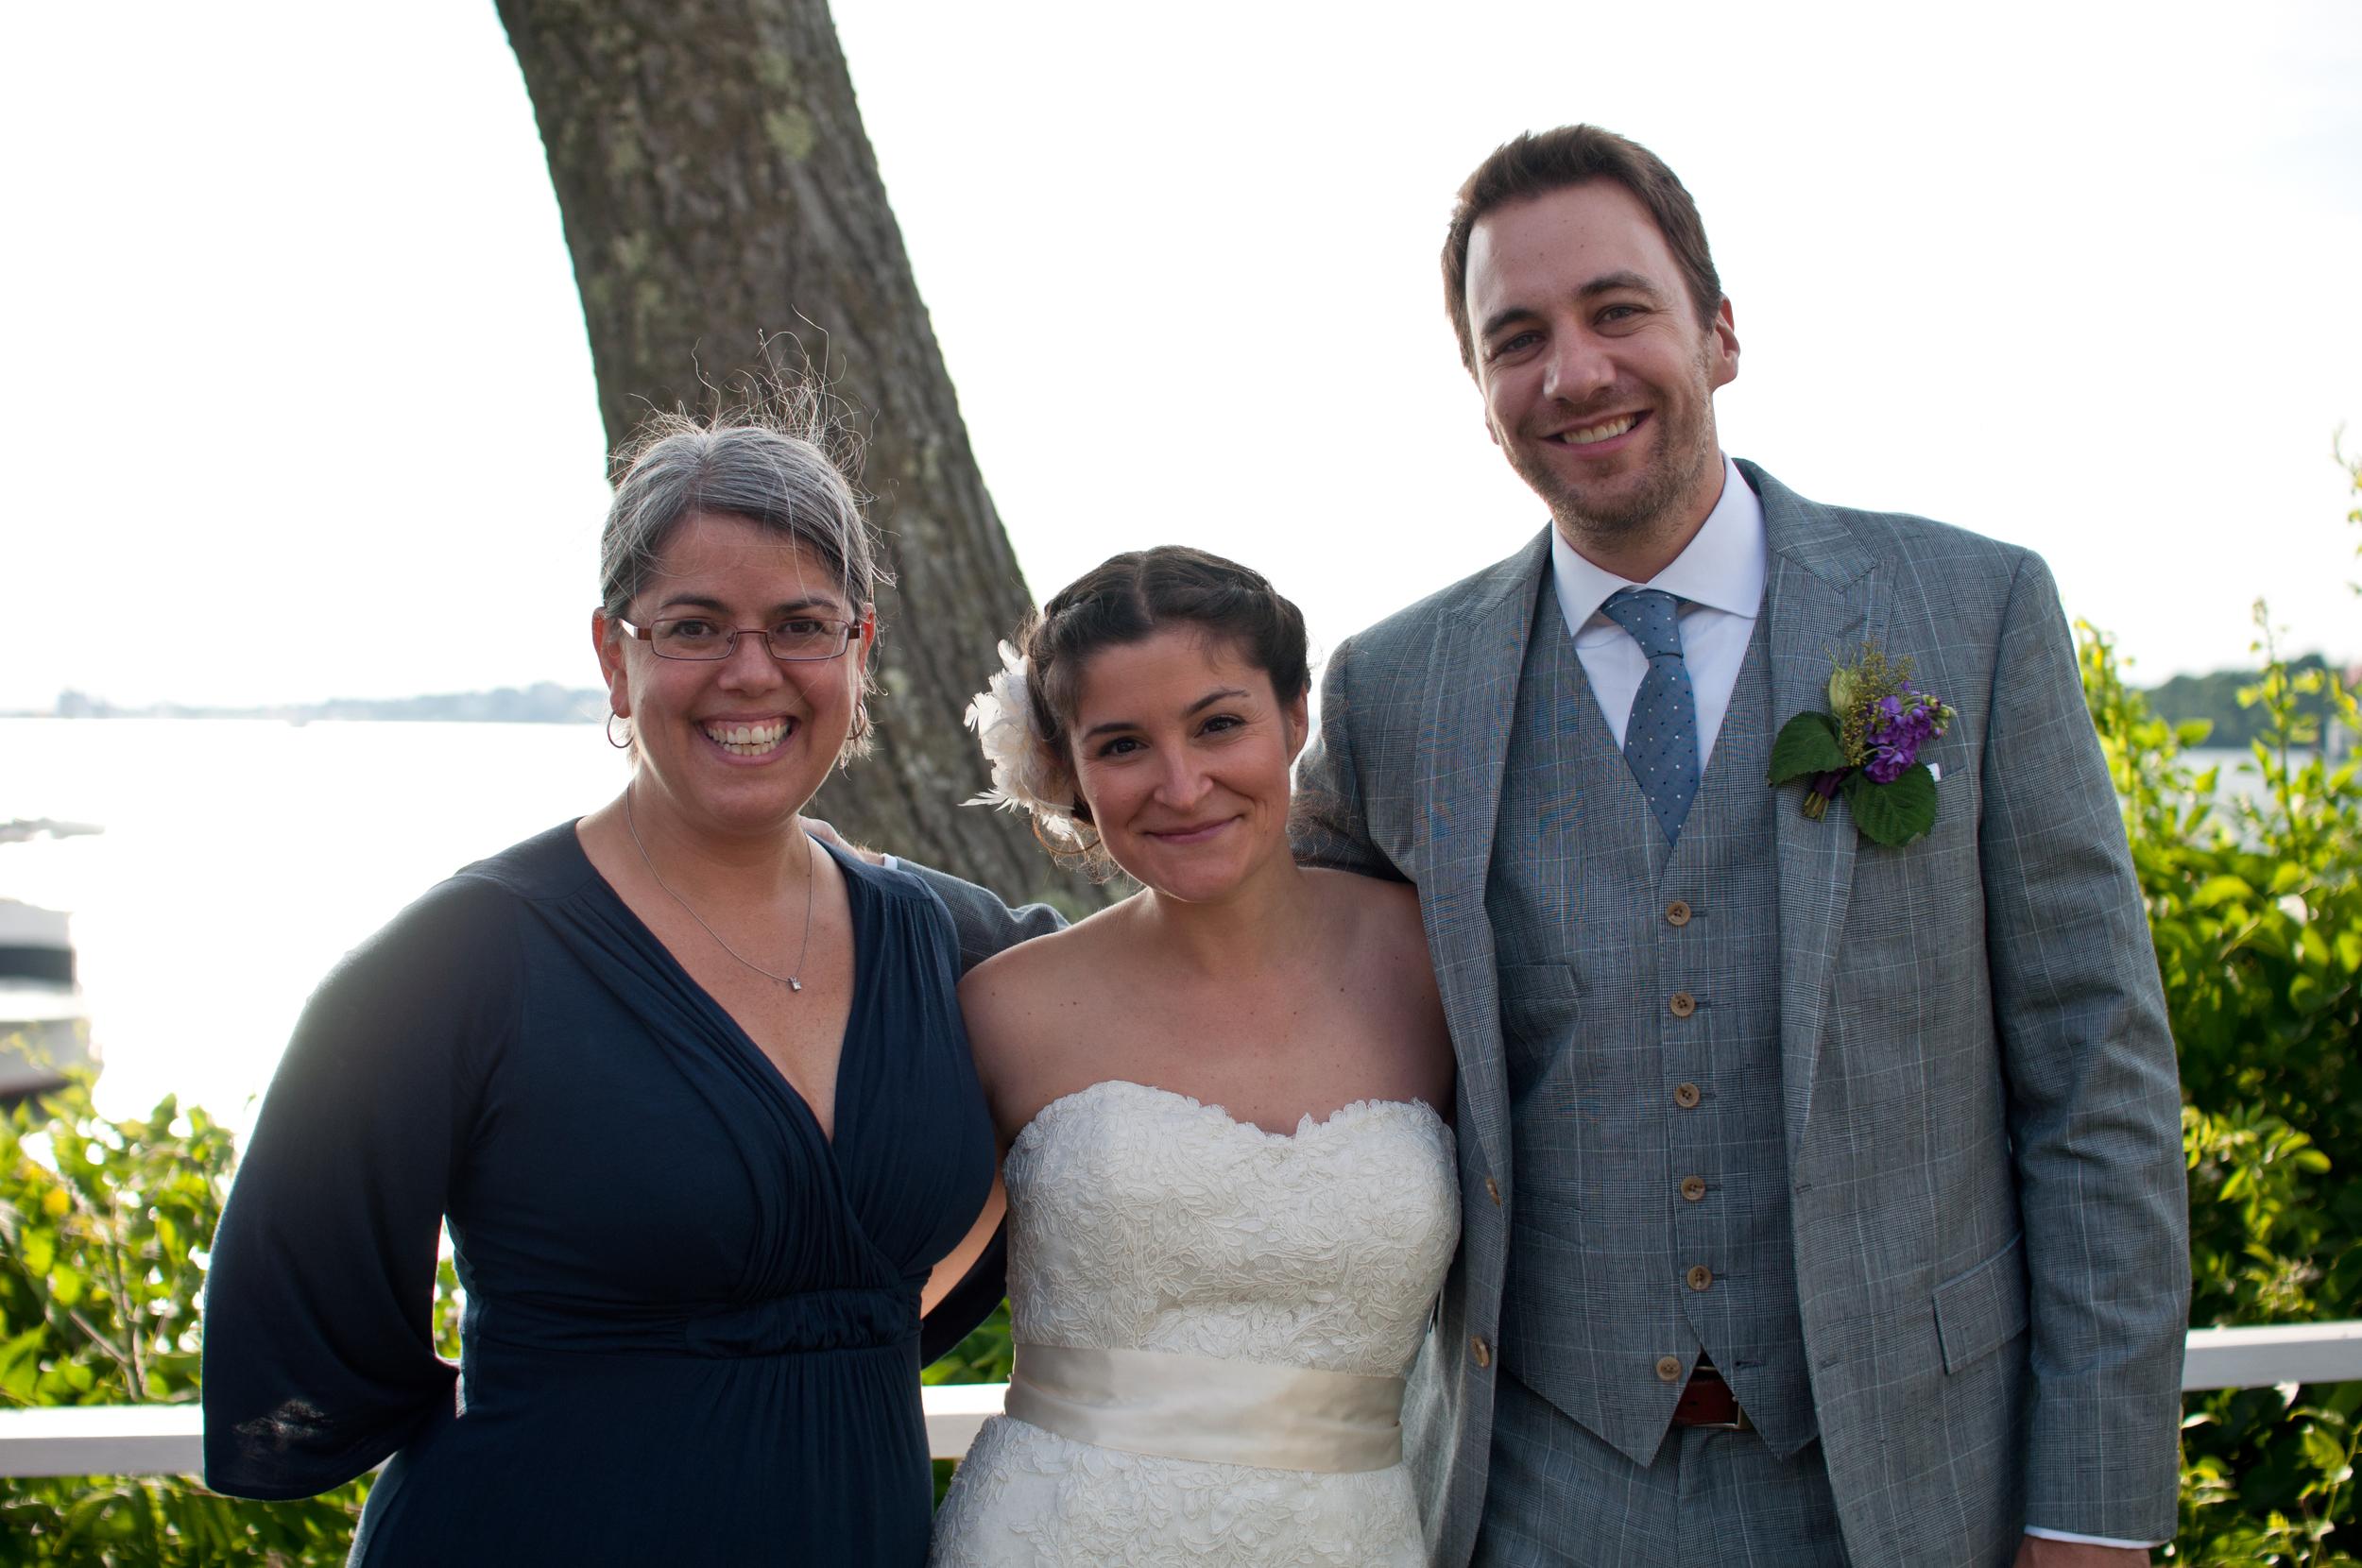 Peaks Island Wedding Officiant